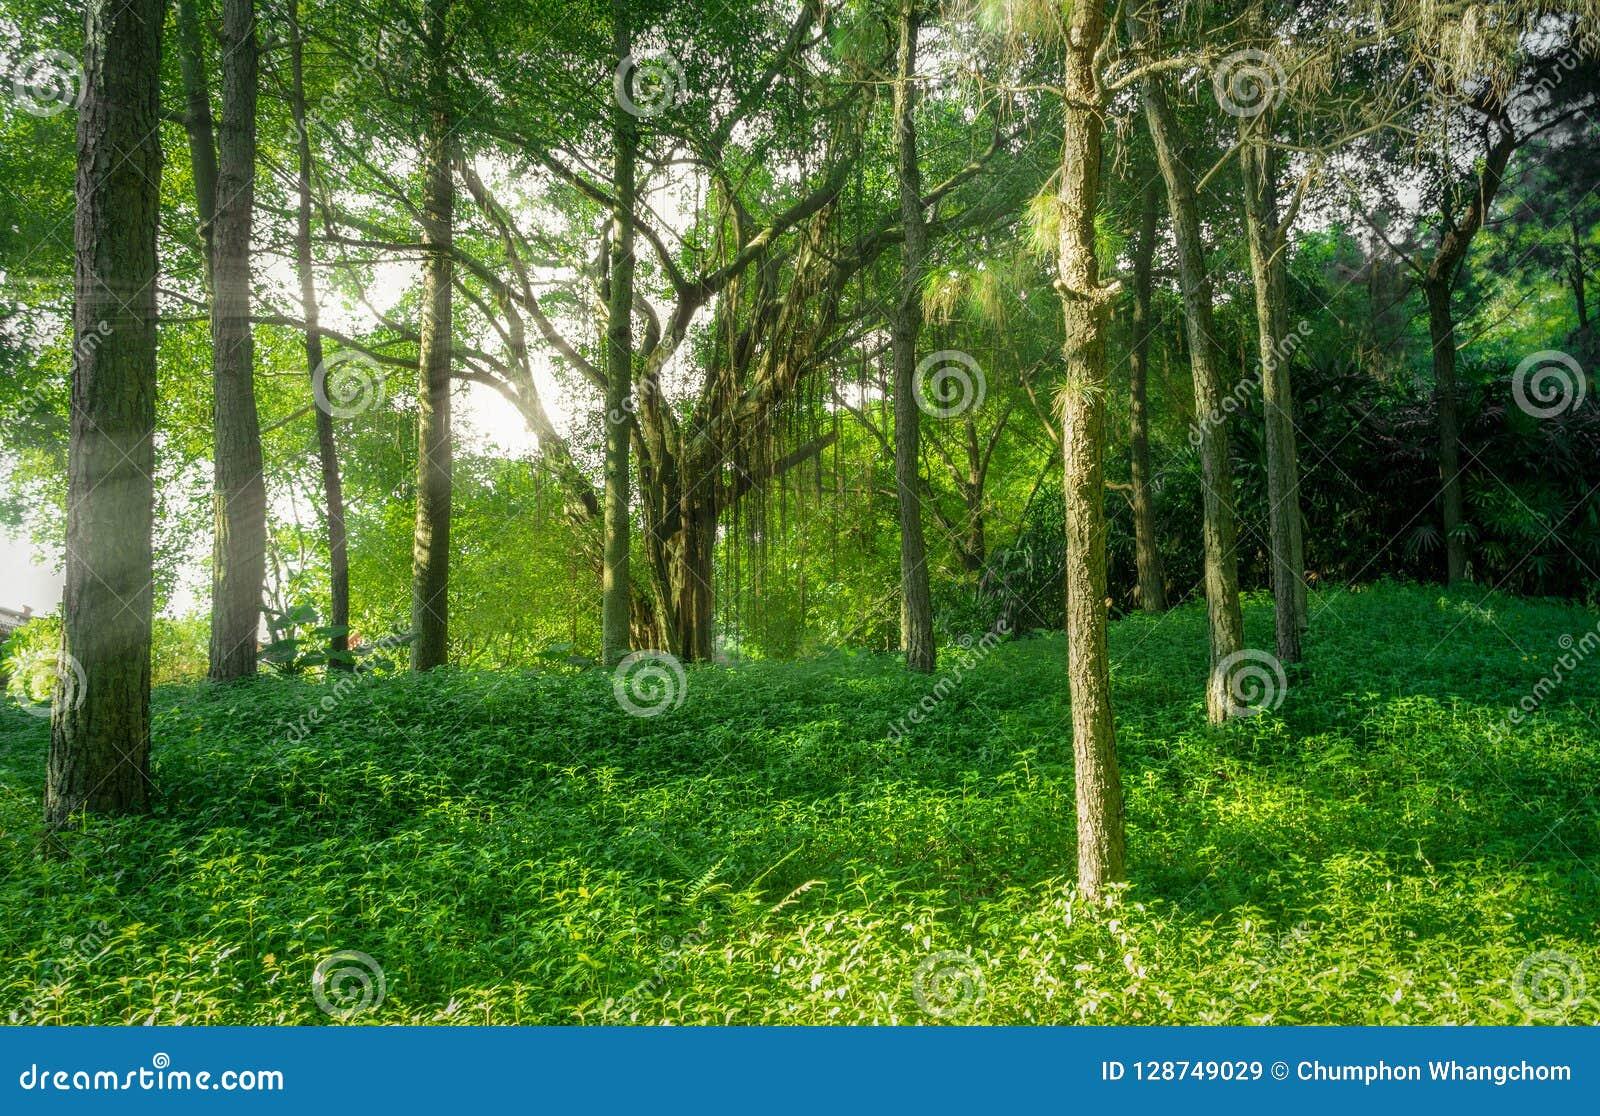 Τοπίο του δάσους με την ομίχλη και των ηλιαχτίδων στο υπόβαθρο φύσης